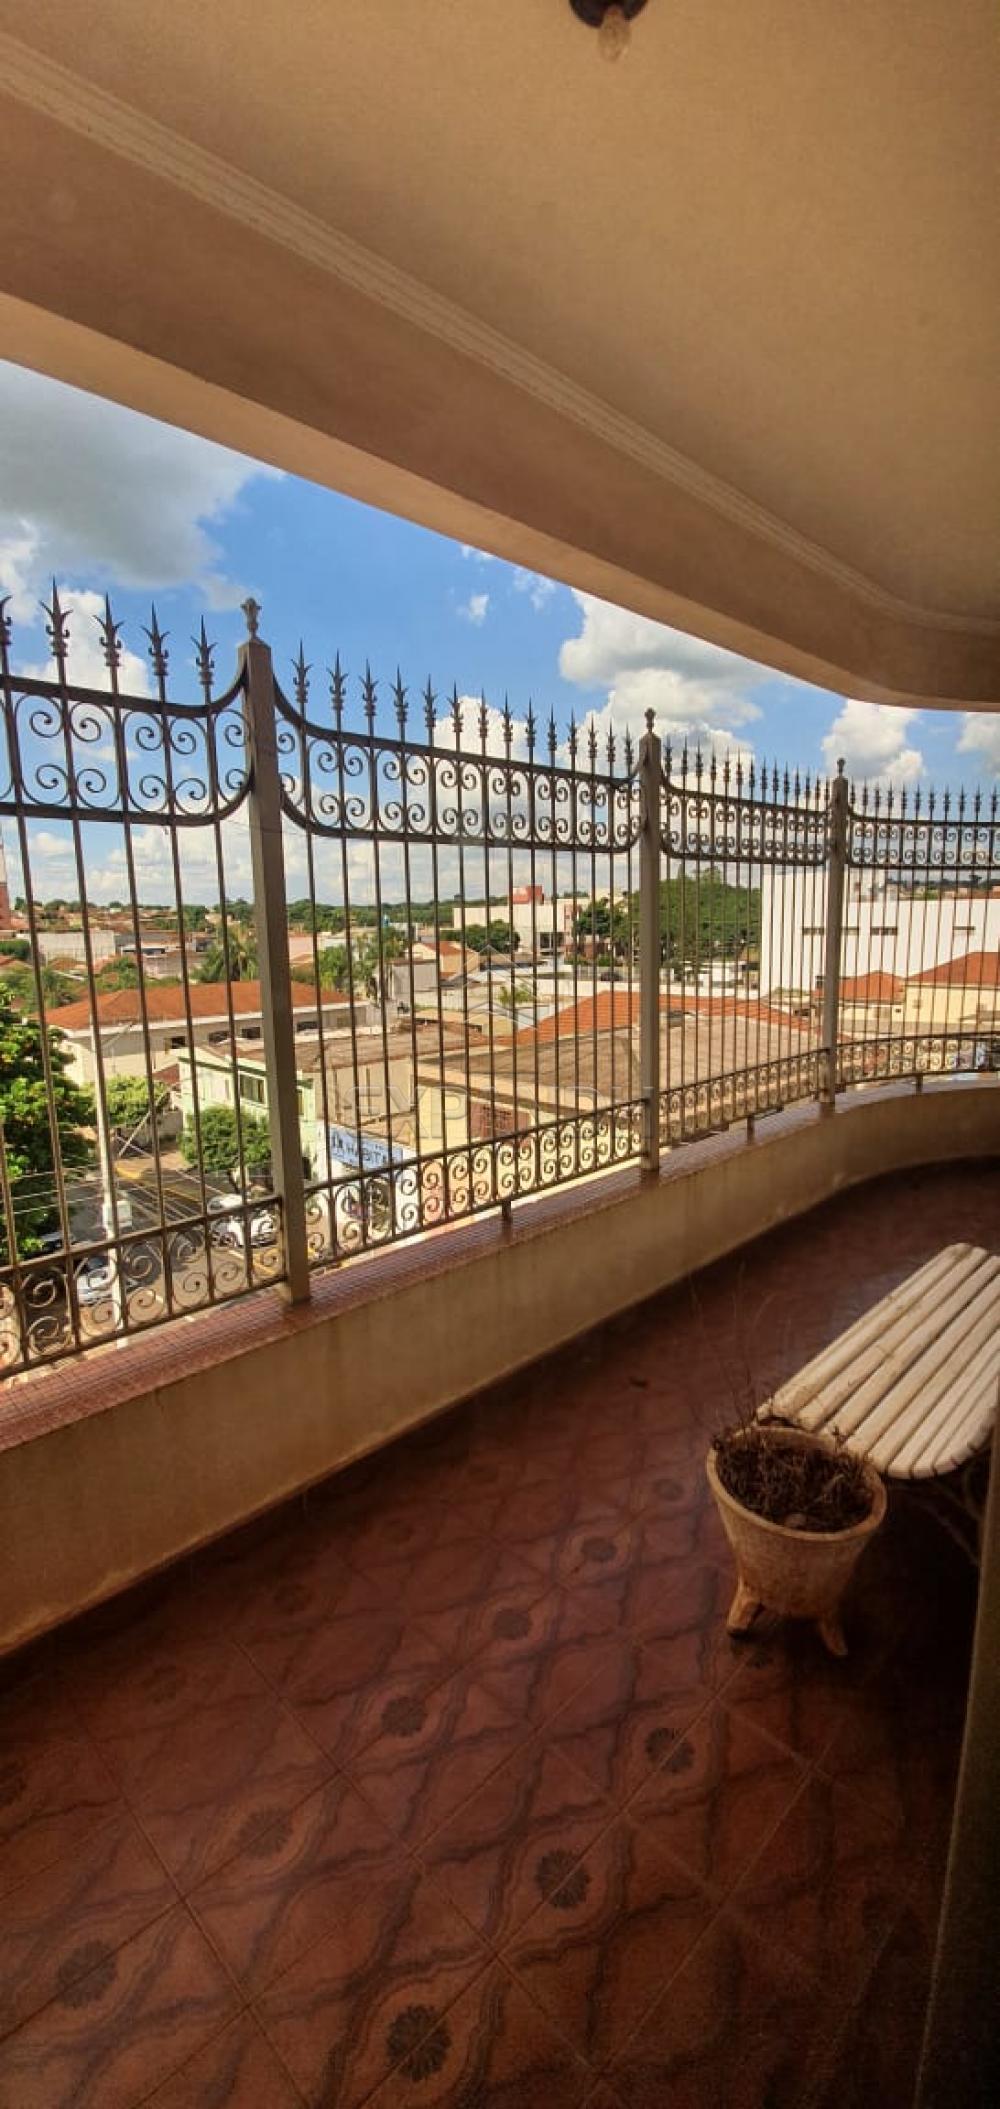 Comprar Apartamentos / Padrão em Sertãozinho apenas R$ 650.000,00 - Foto 18